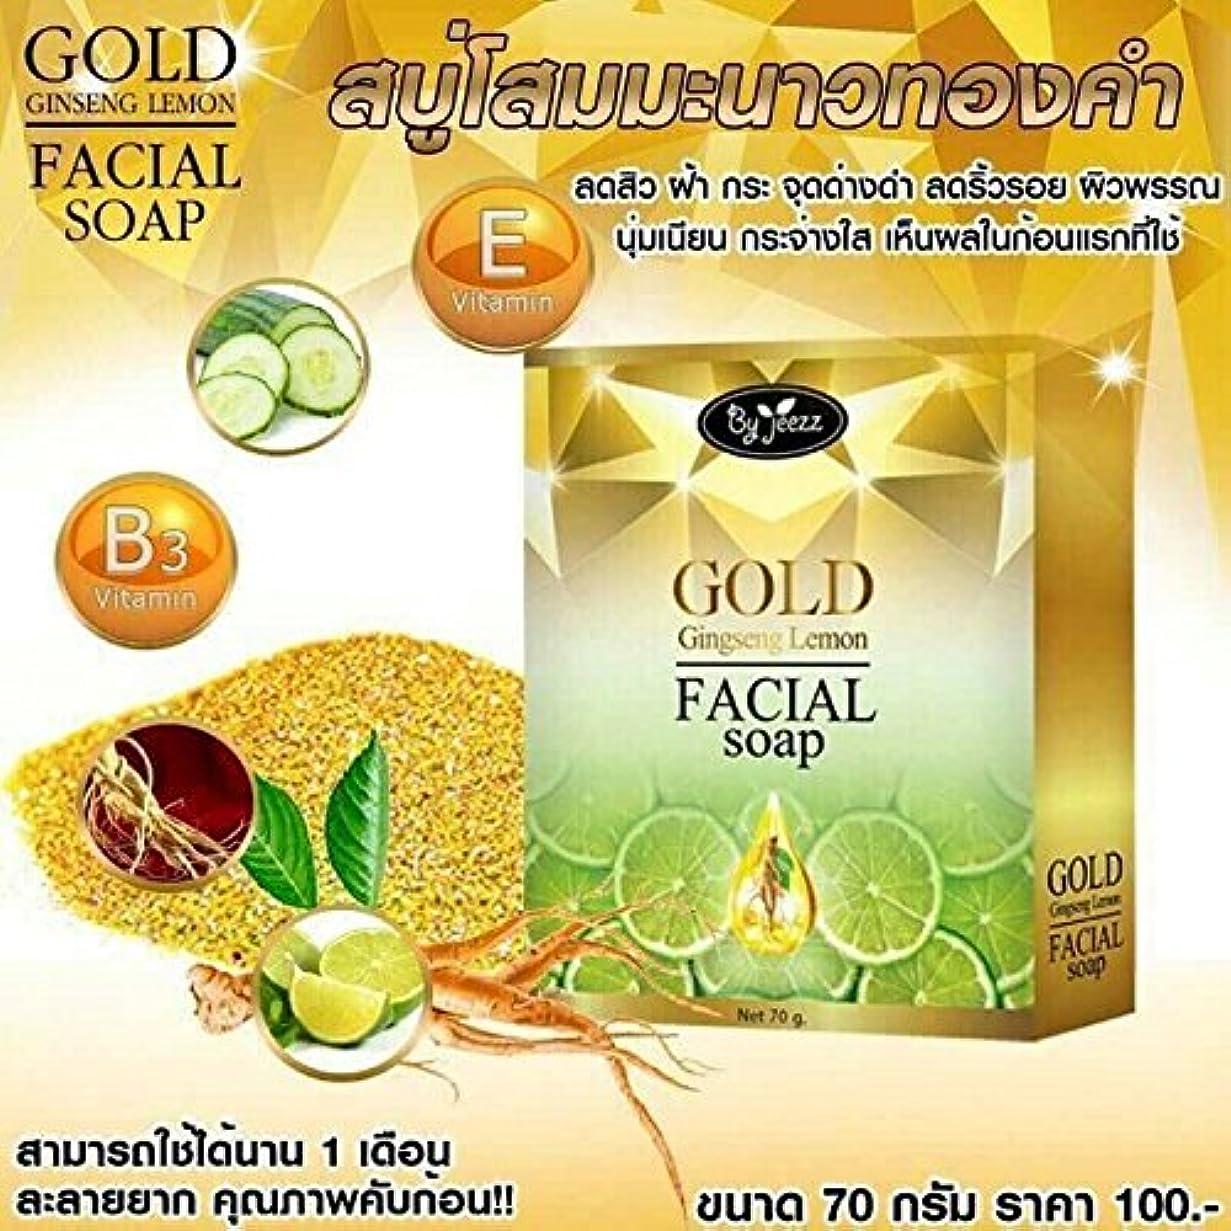 トロリーバス消費する砦1 X Natural Herbal Whitening Soap. Ginseng Lemon Soap (Gold Ginseng Lemon Facial Soap by jeezz) 70 g. Free shipping